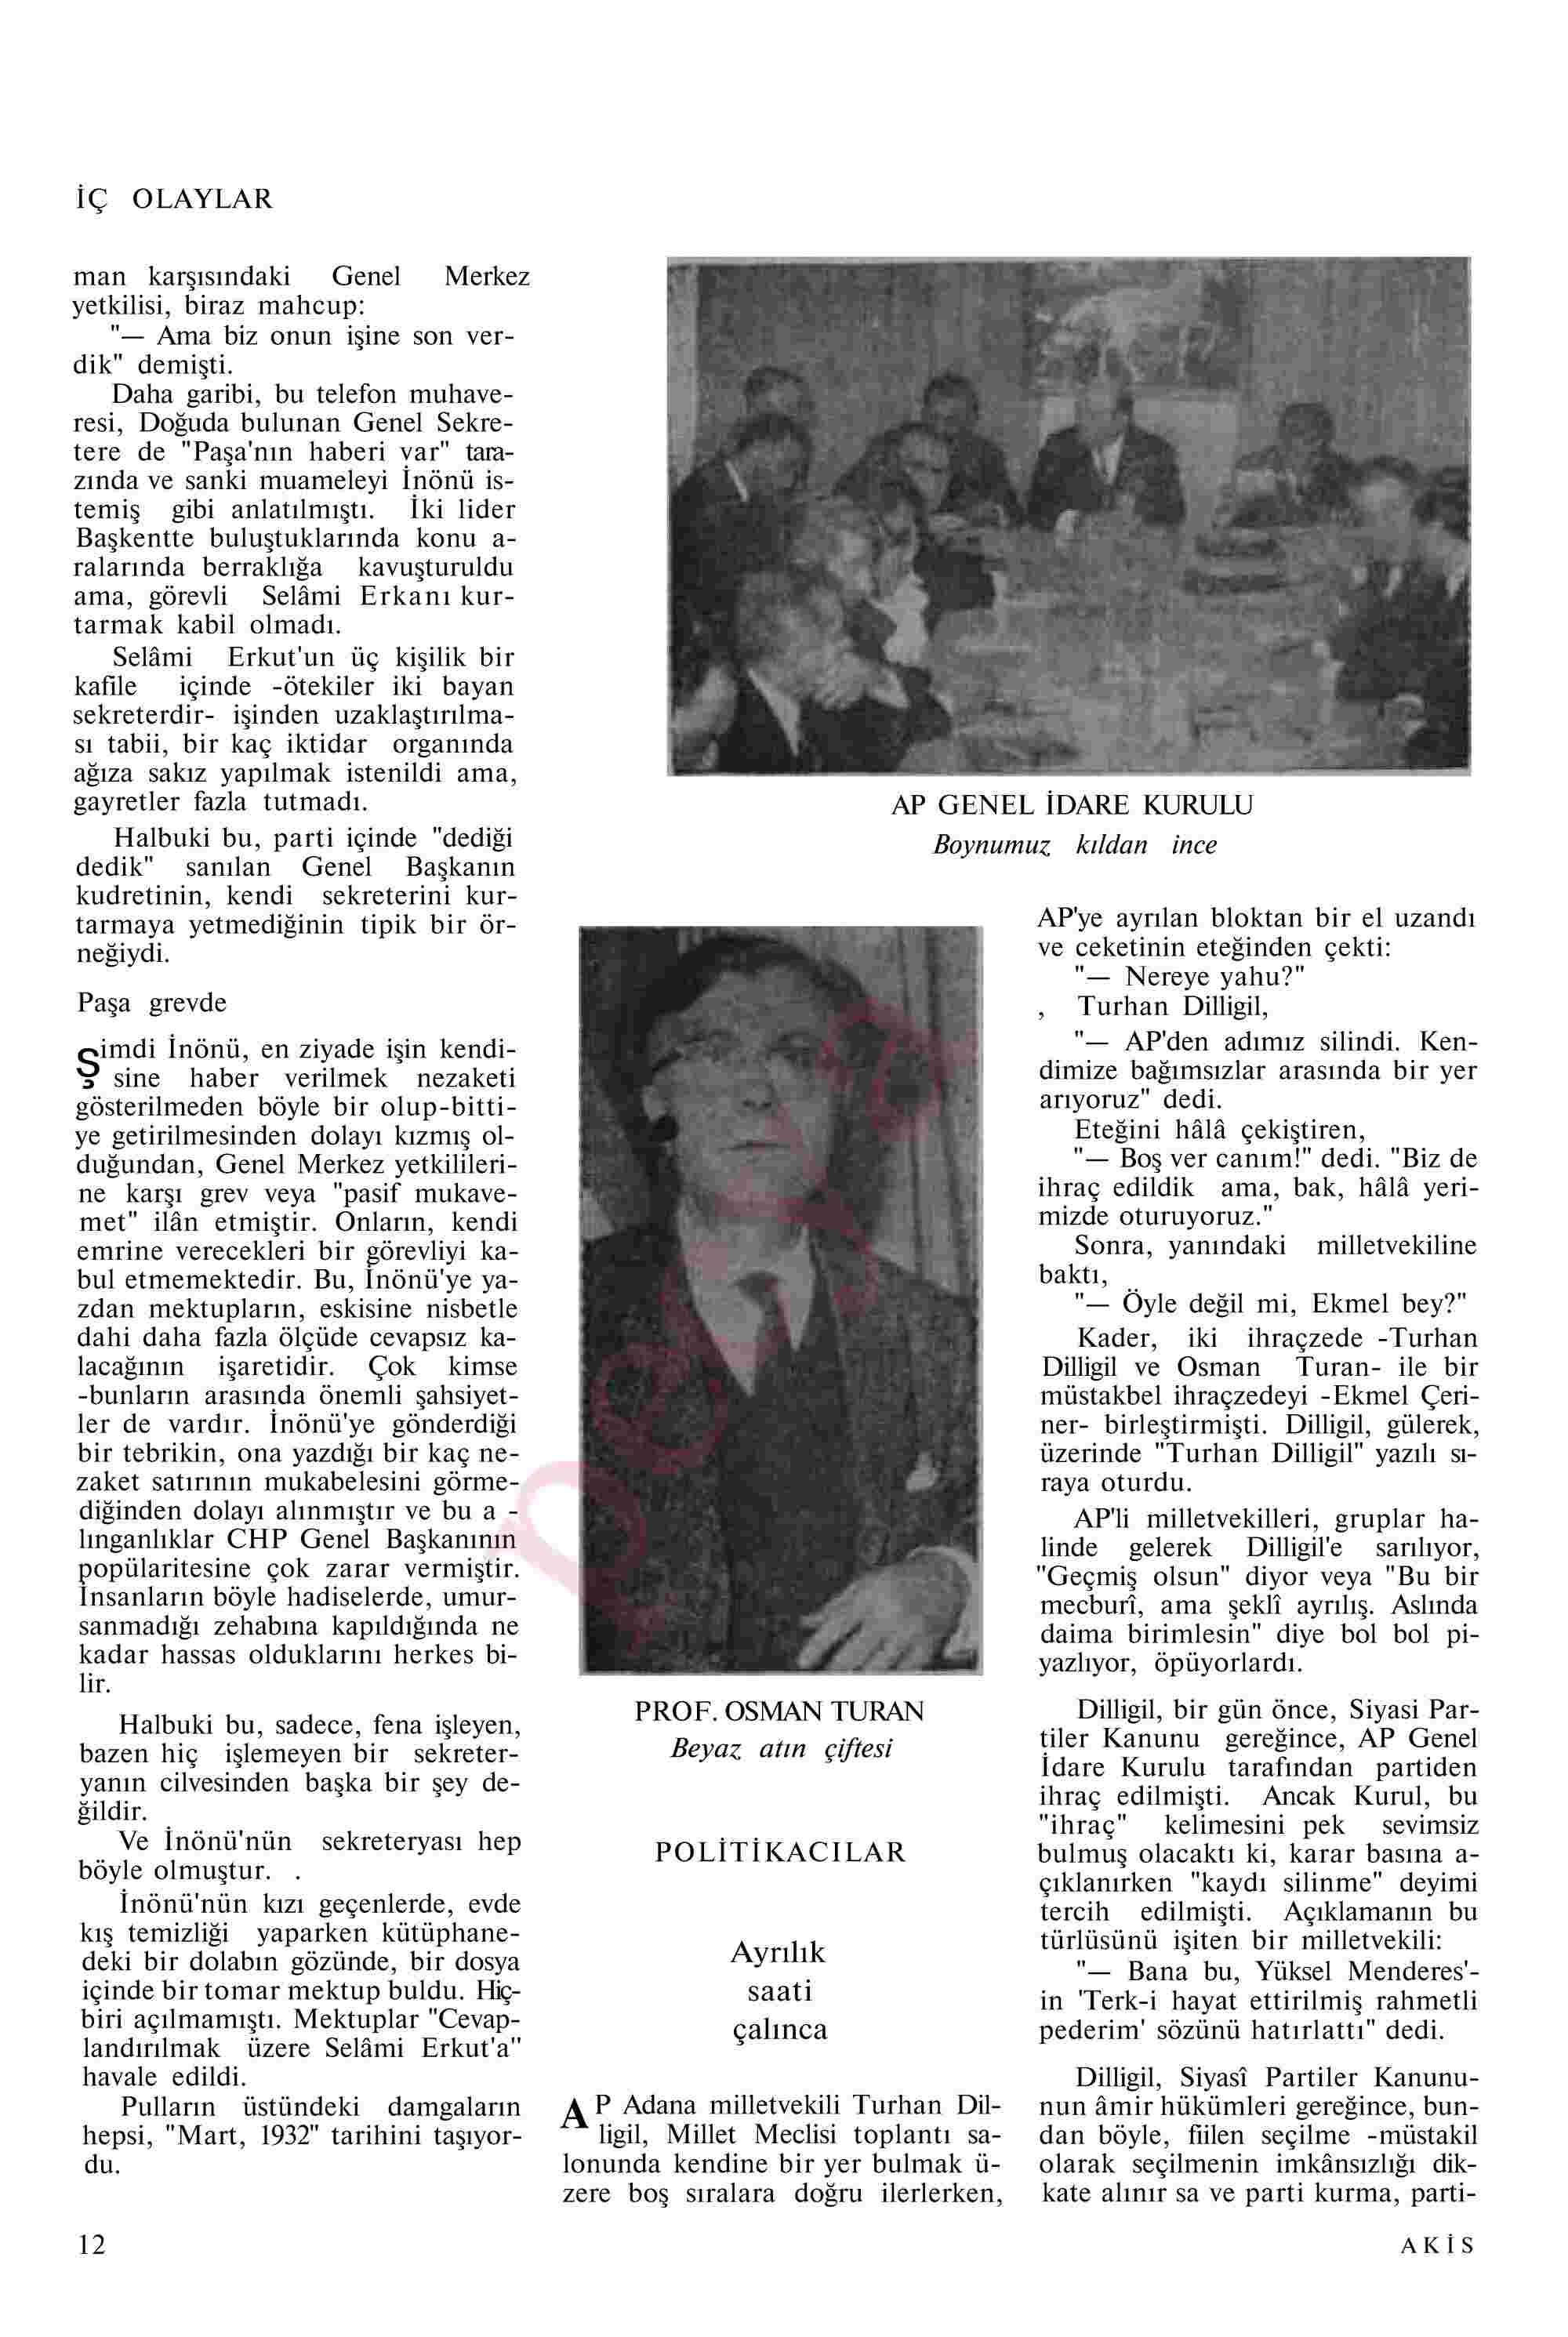 6 Kasım 1967 Tarihli Akis Dergisi Sayfa 12